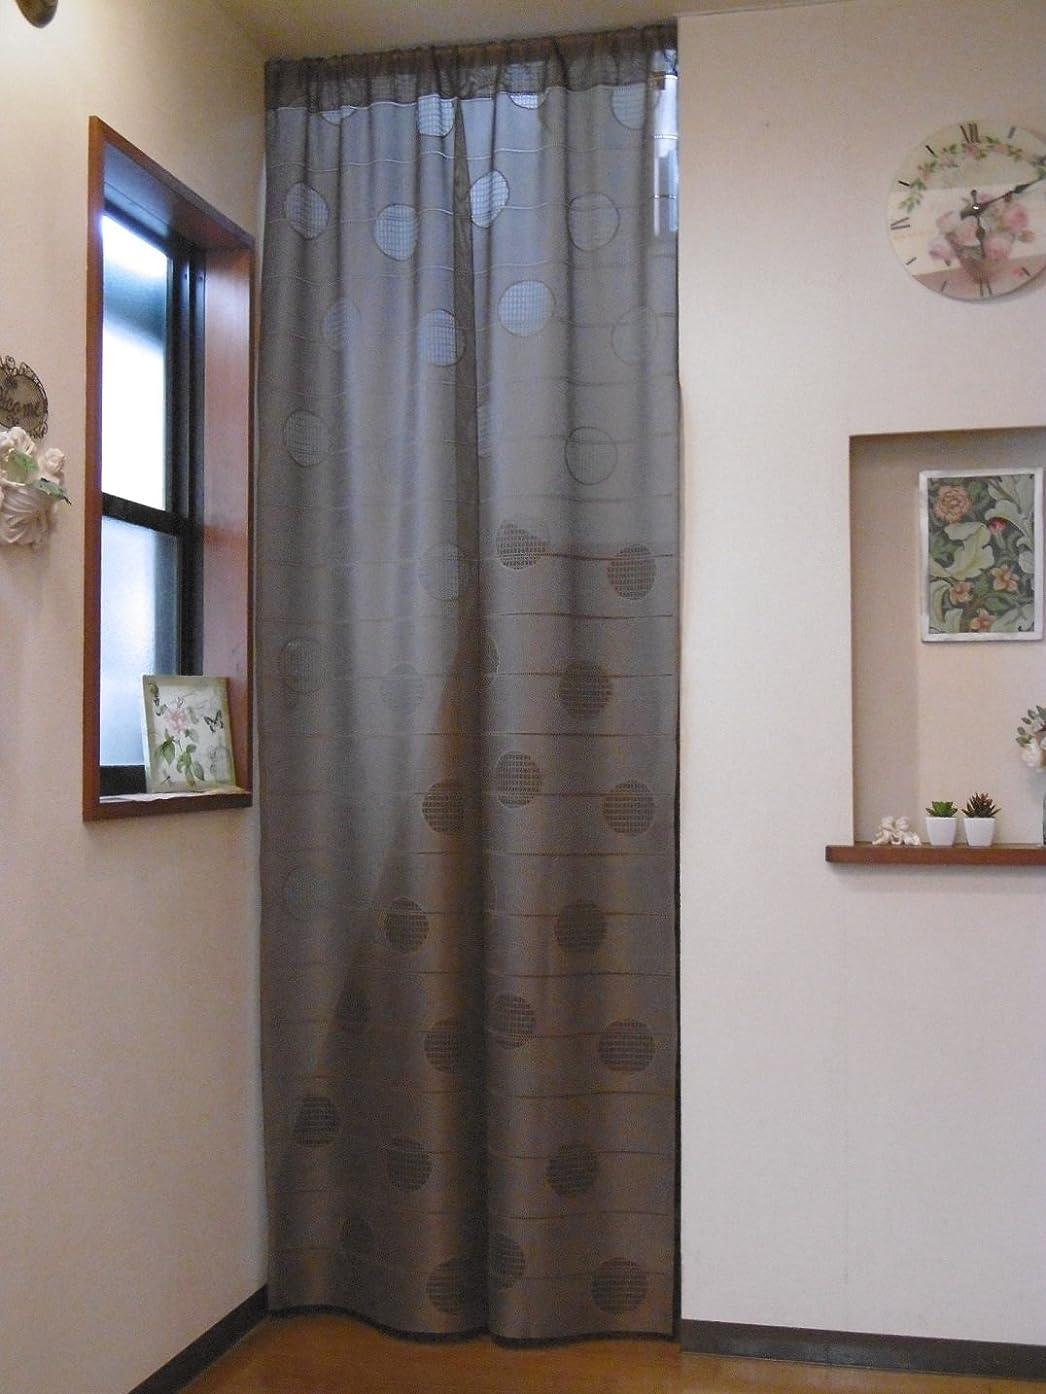 マニフェストギャングクライマックス遮熱断熱 間口を仕切って冷暖房効率アップ ロングスクリーンのれん「サークル」 (ブラウン)